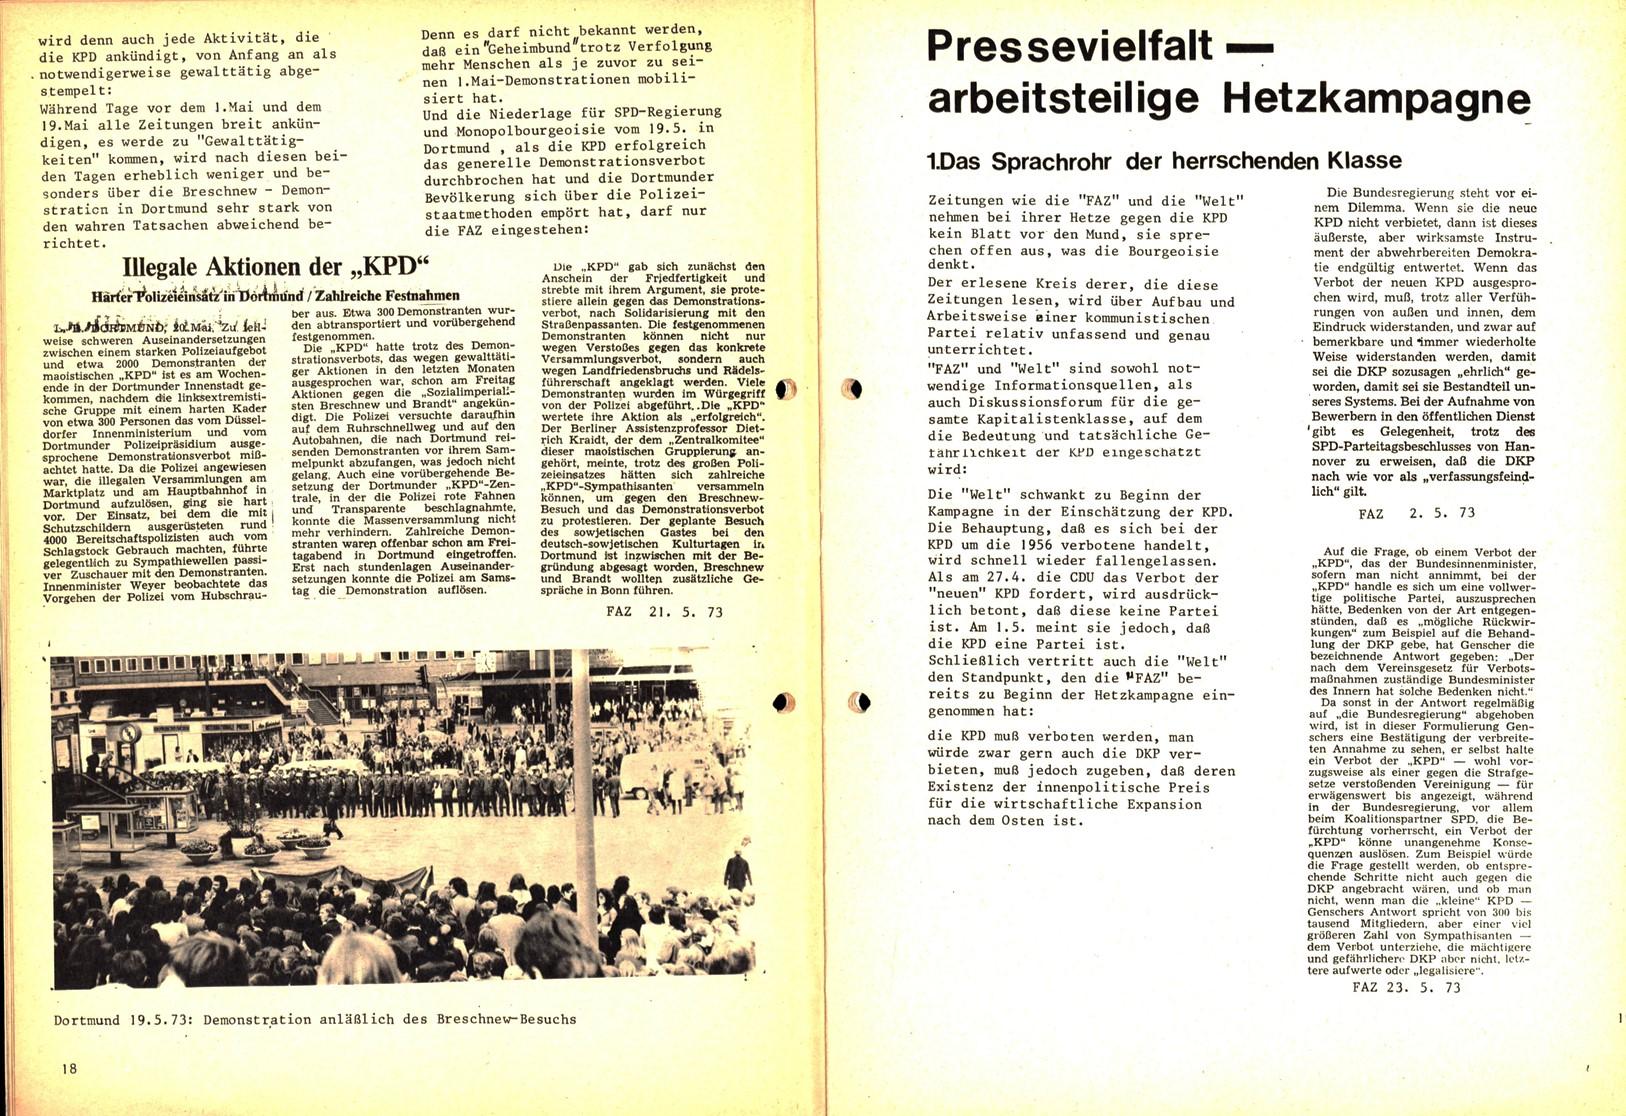 Komitee_Haende_weg_von_der_KPD_1973_Polizeijournalismus_10